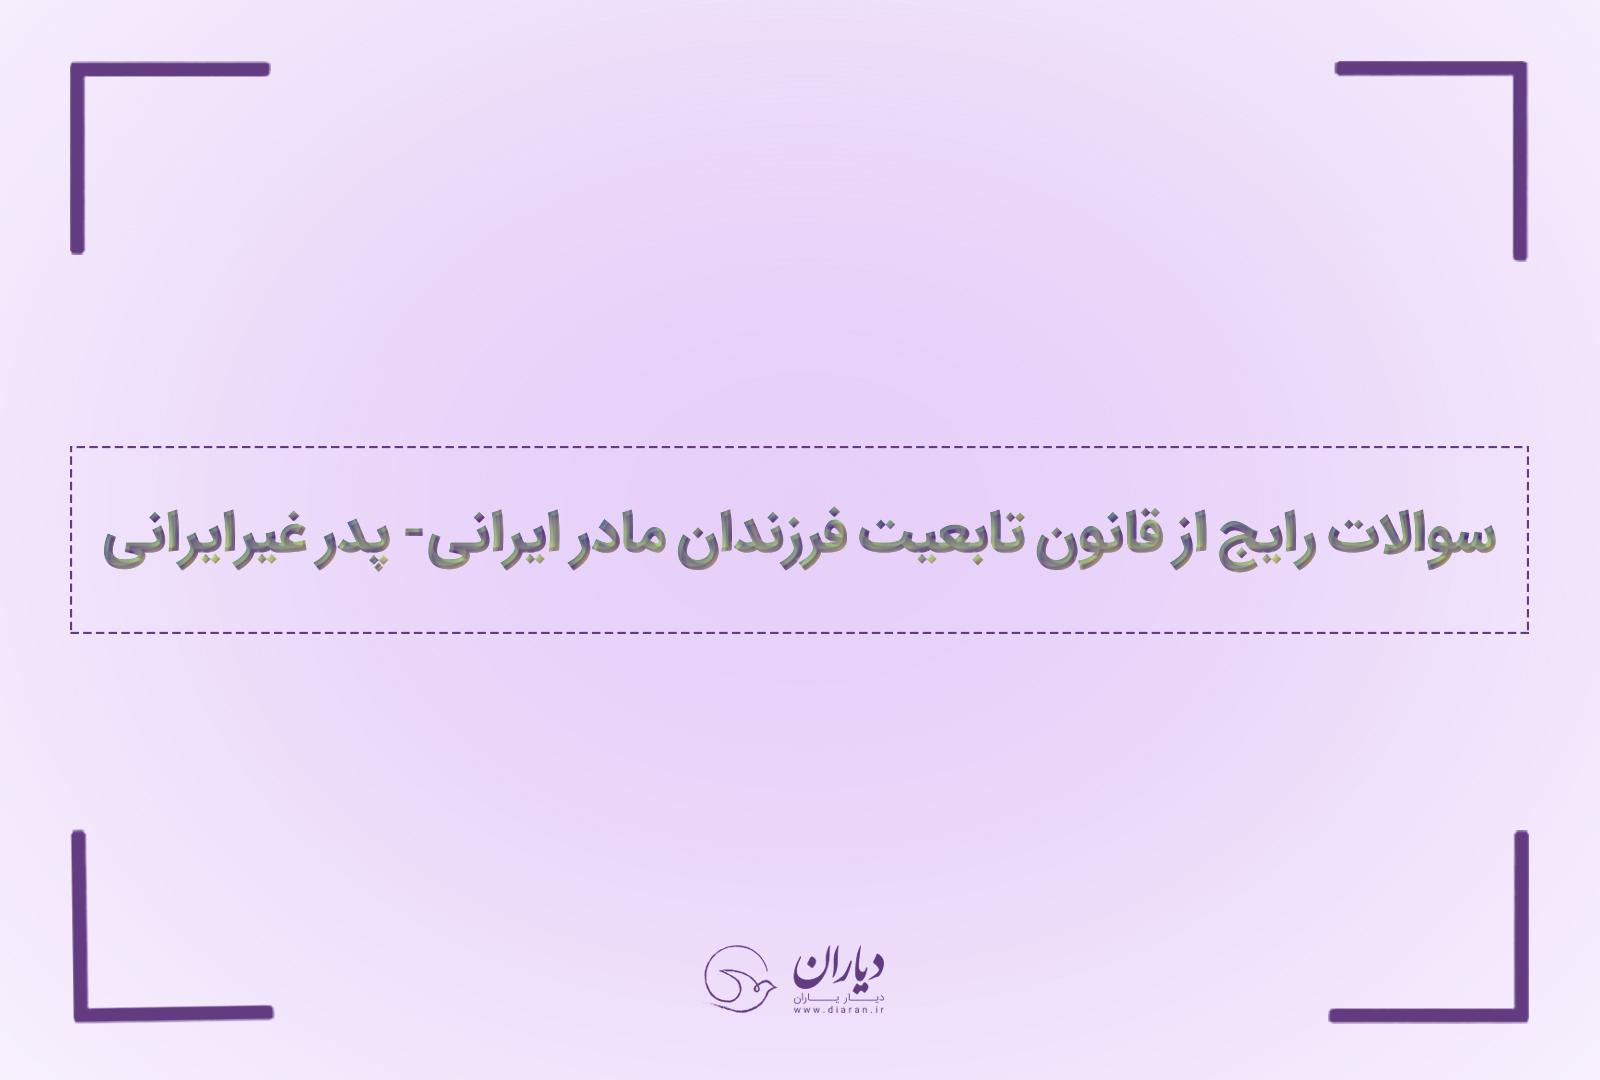 درخواست شناسنامه فرزندان مادر ایرانی